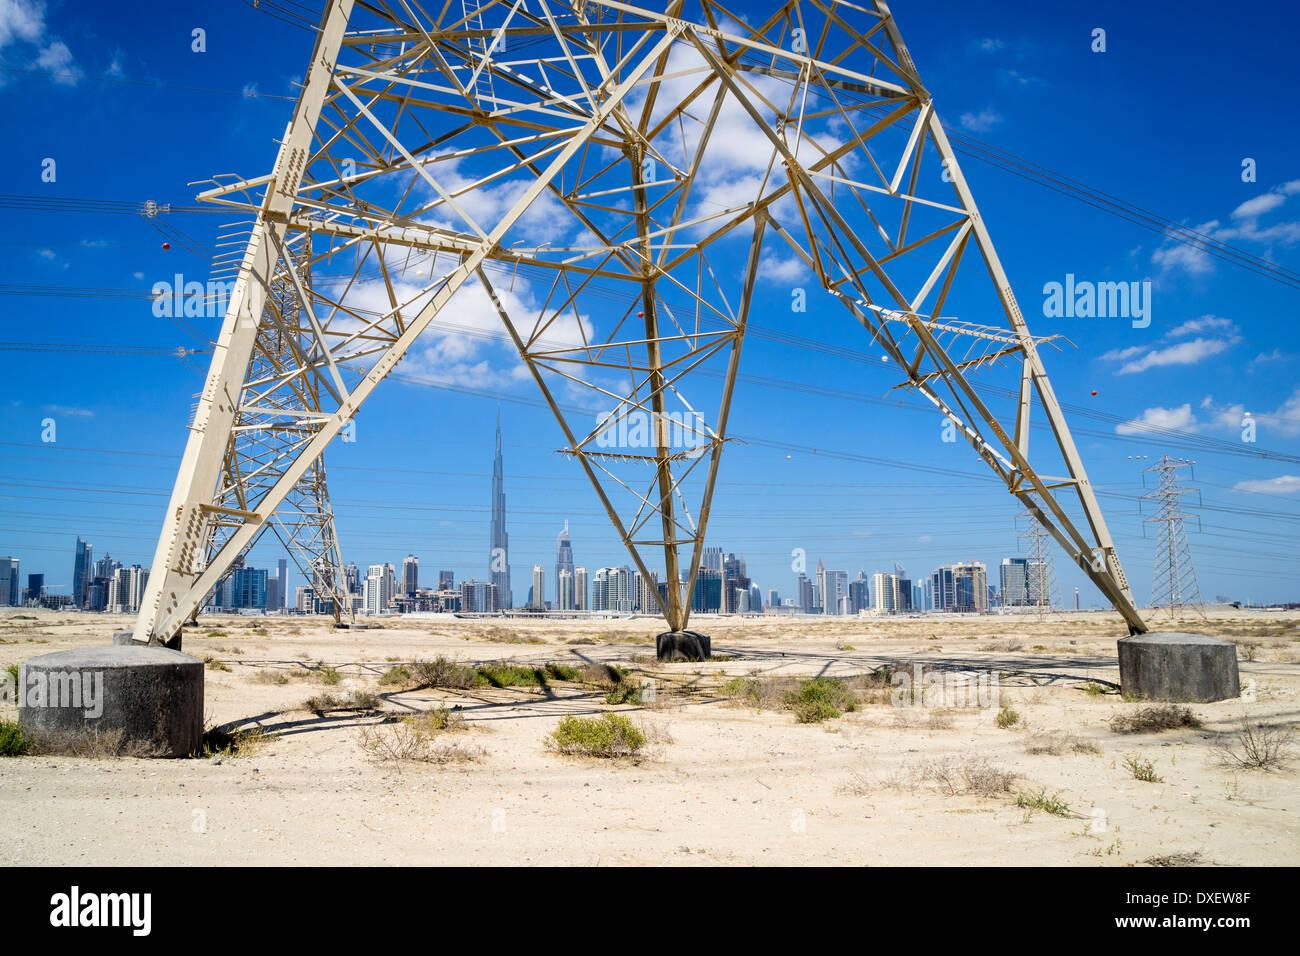 Horizonte de Dubai con la transmisión de electricidad de alto voltaje pilones en Emiratos Arabes Unidos Imagen De Stock